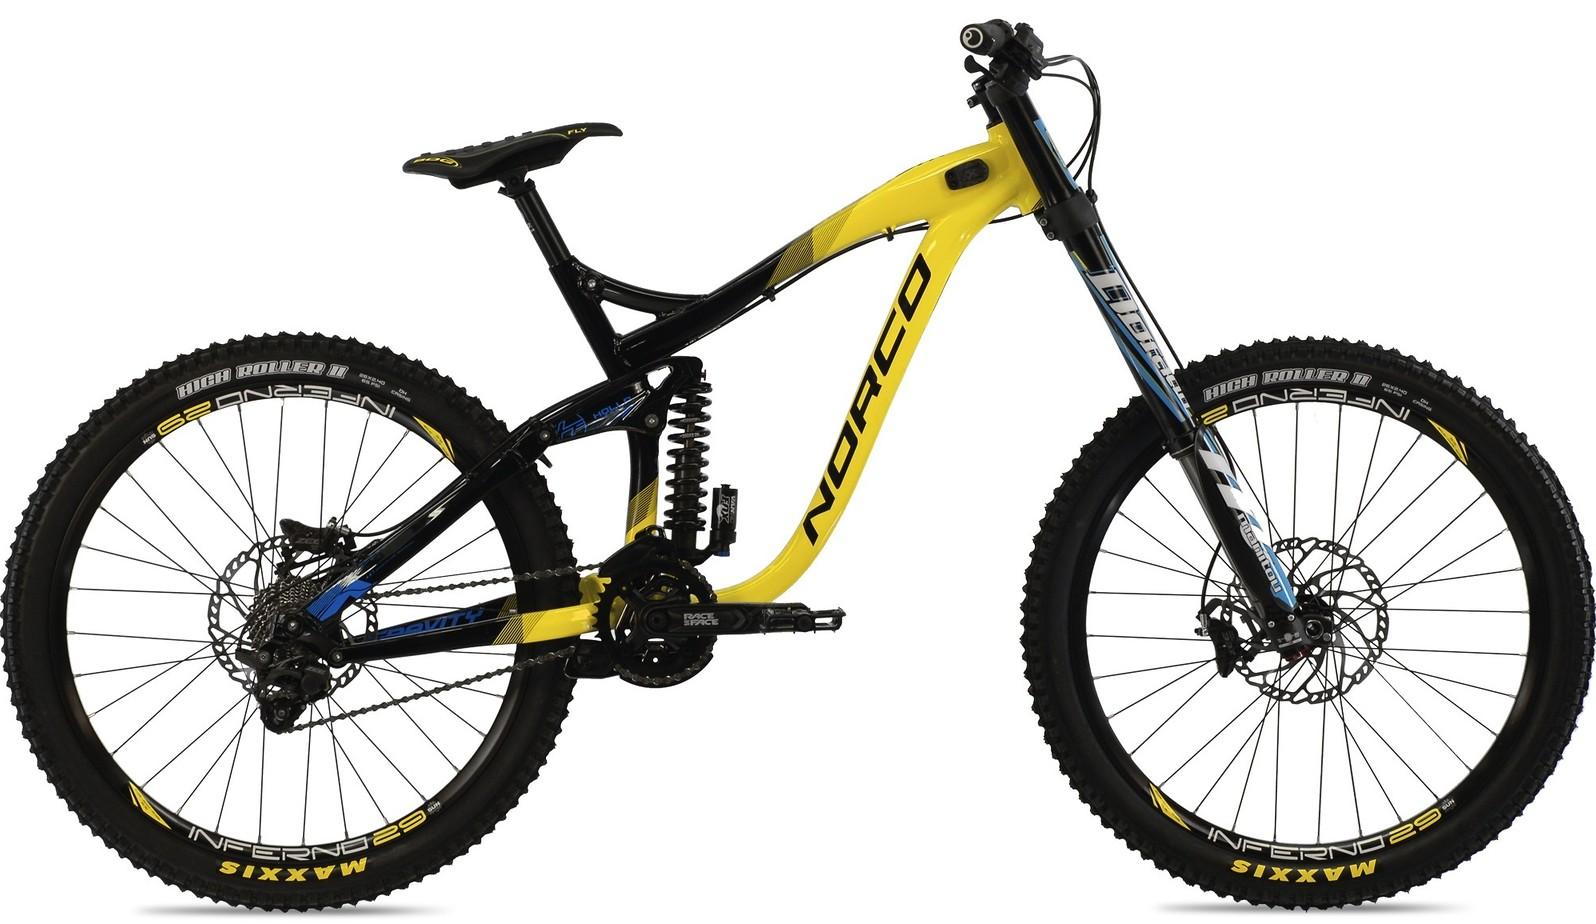 bike - 2014 Norco Aurum 6.2